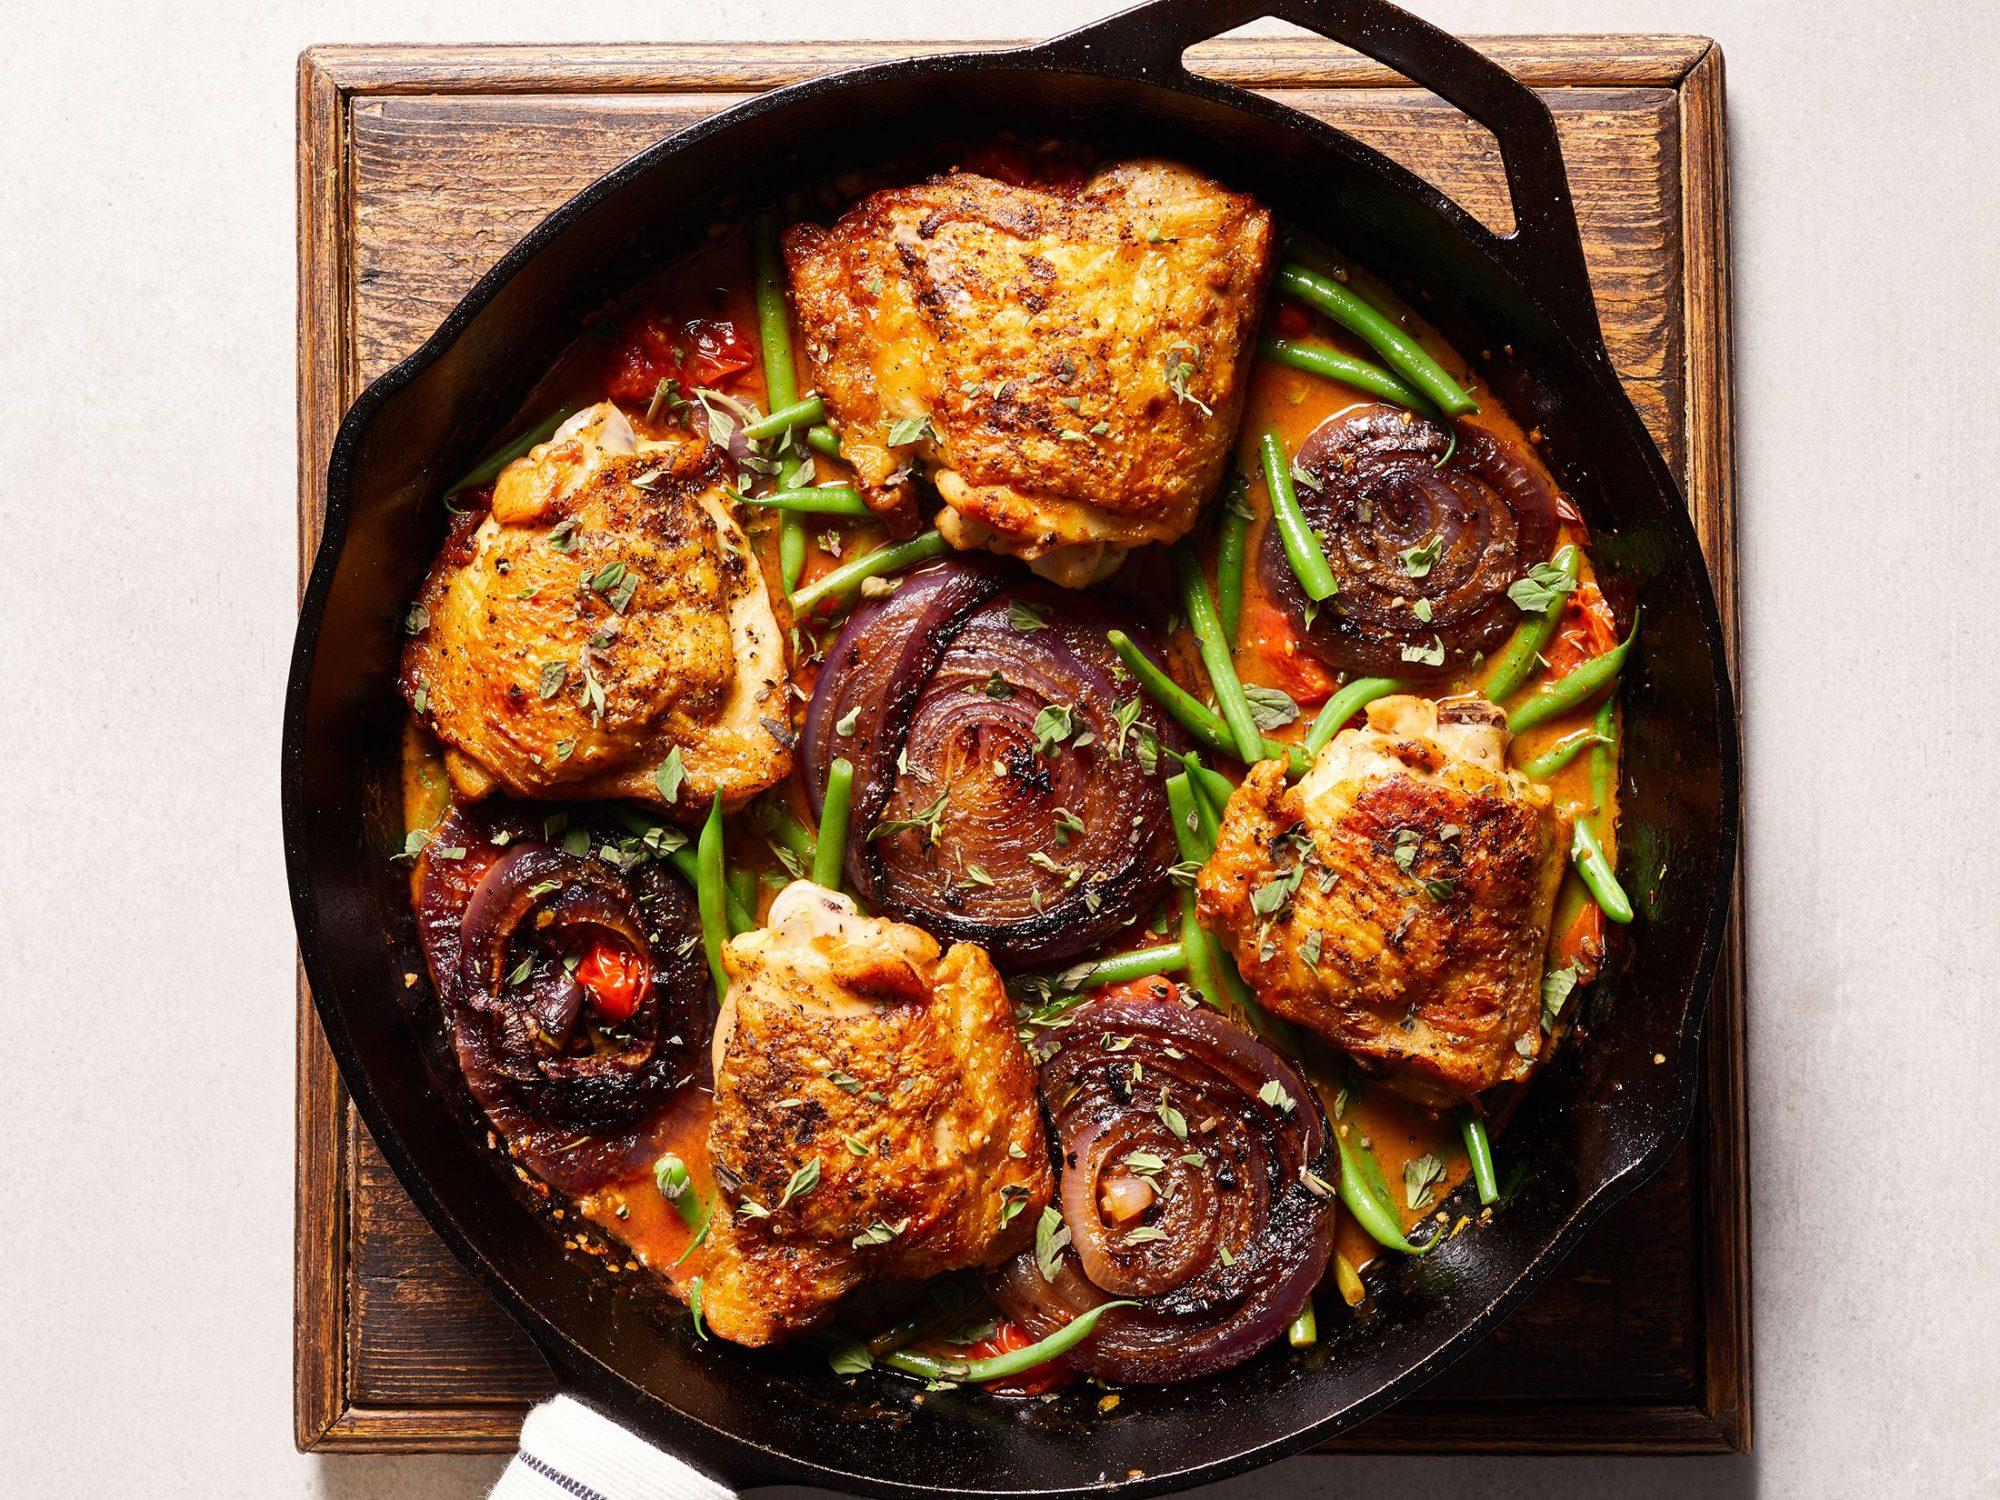 Mediterranean Chicken Skillet image